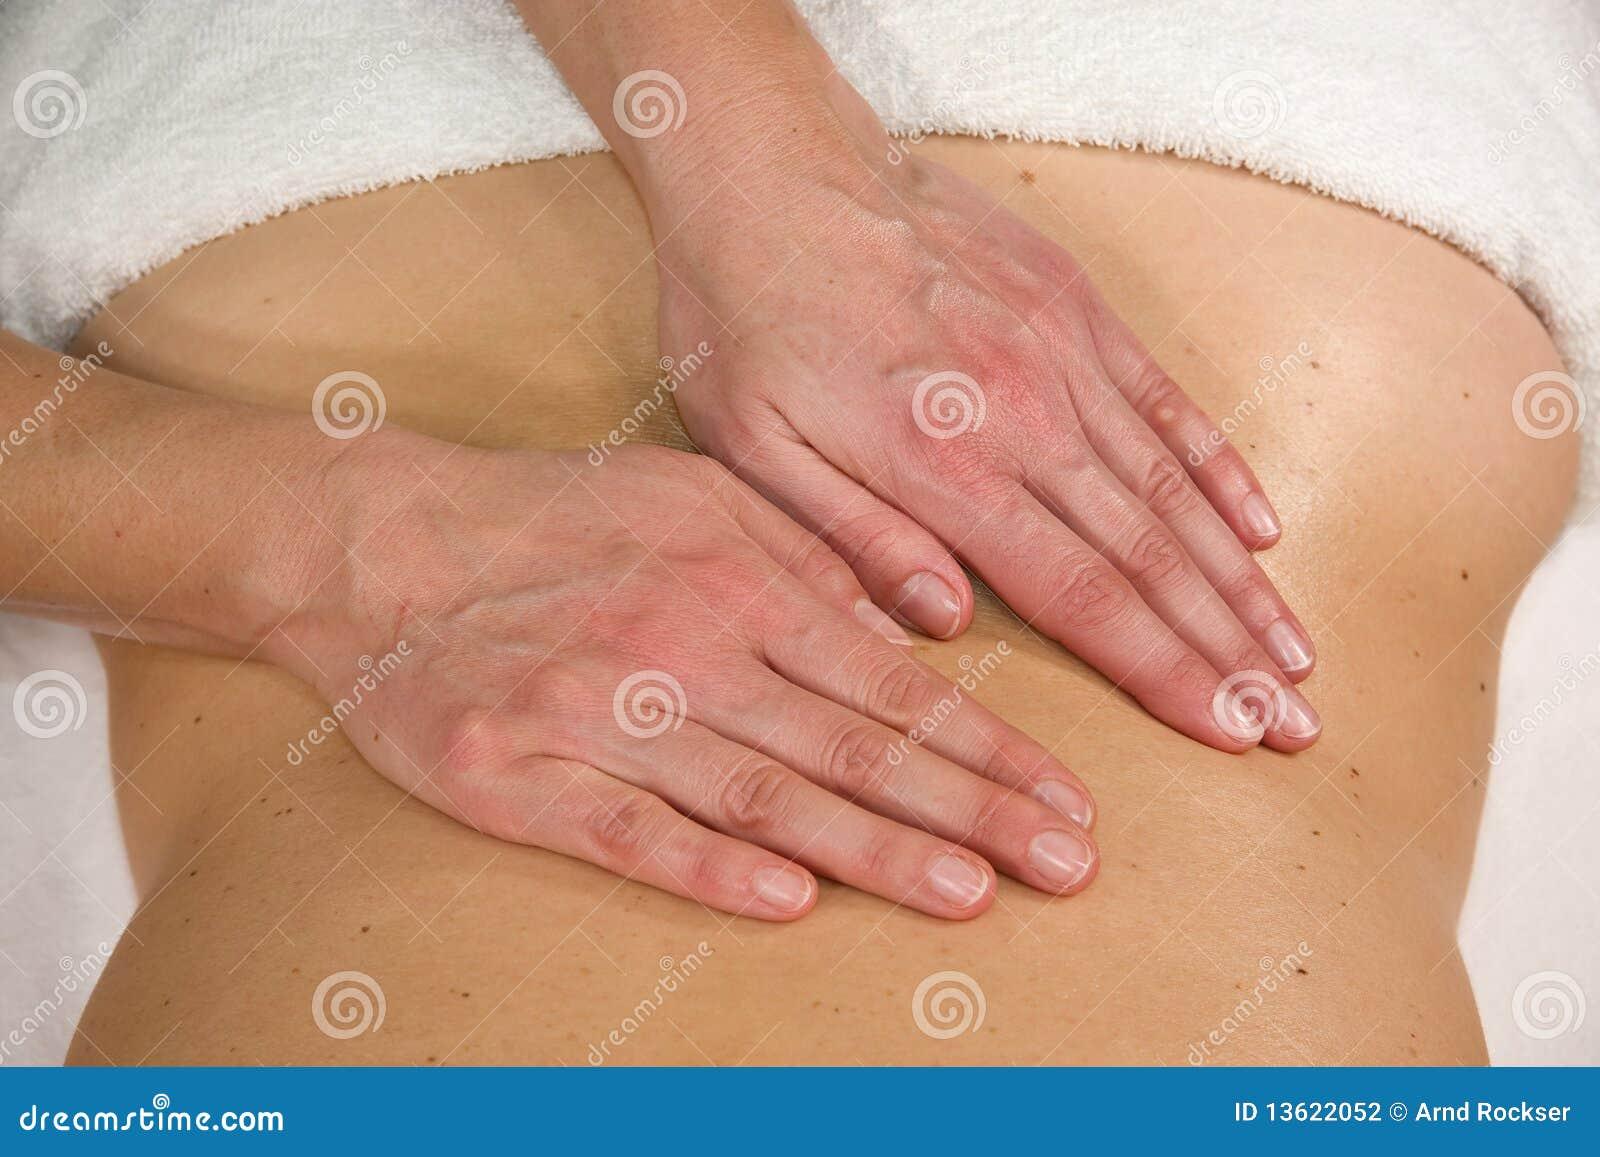 Massaggio alla regione lombare